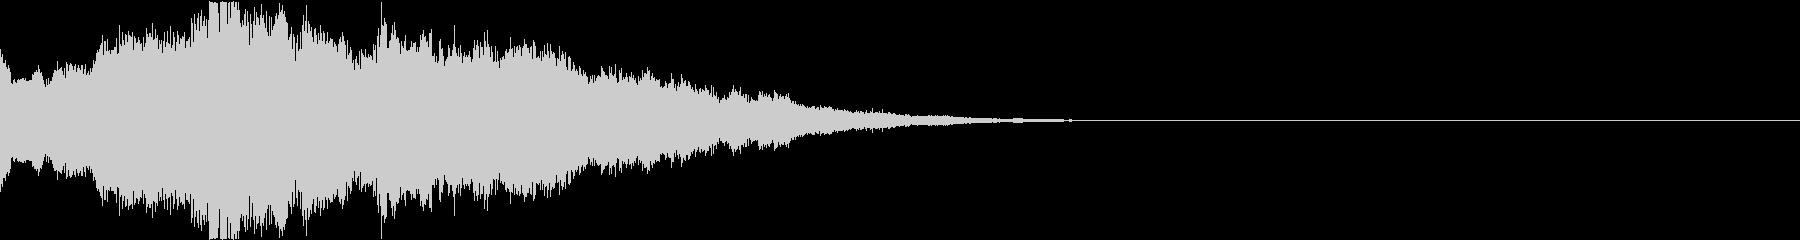 クリスマス ジングルベル キラキラ 02の未再生の波形